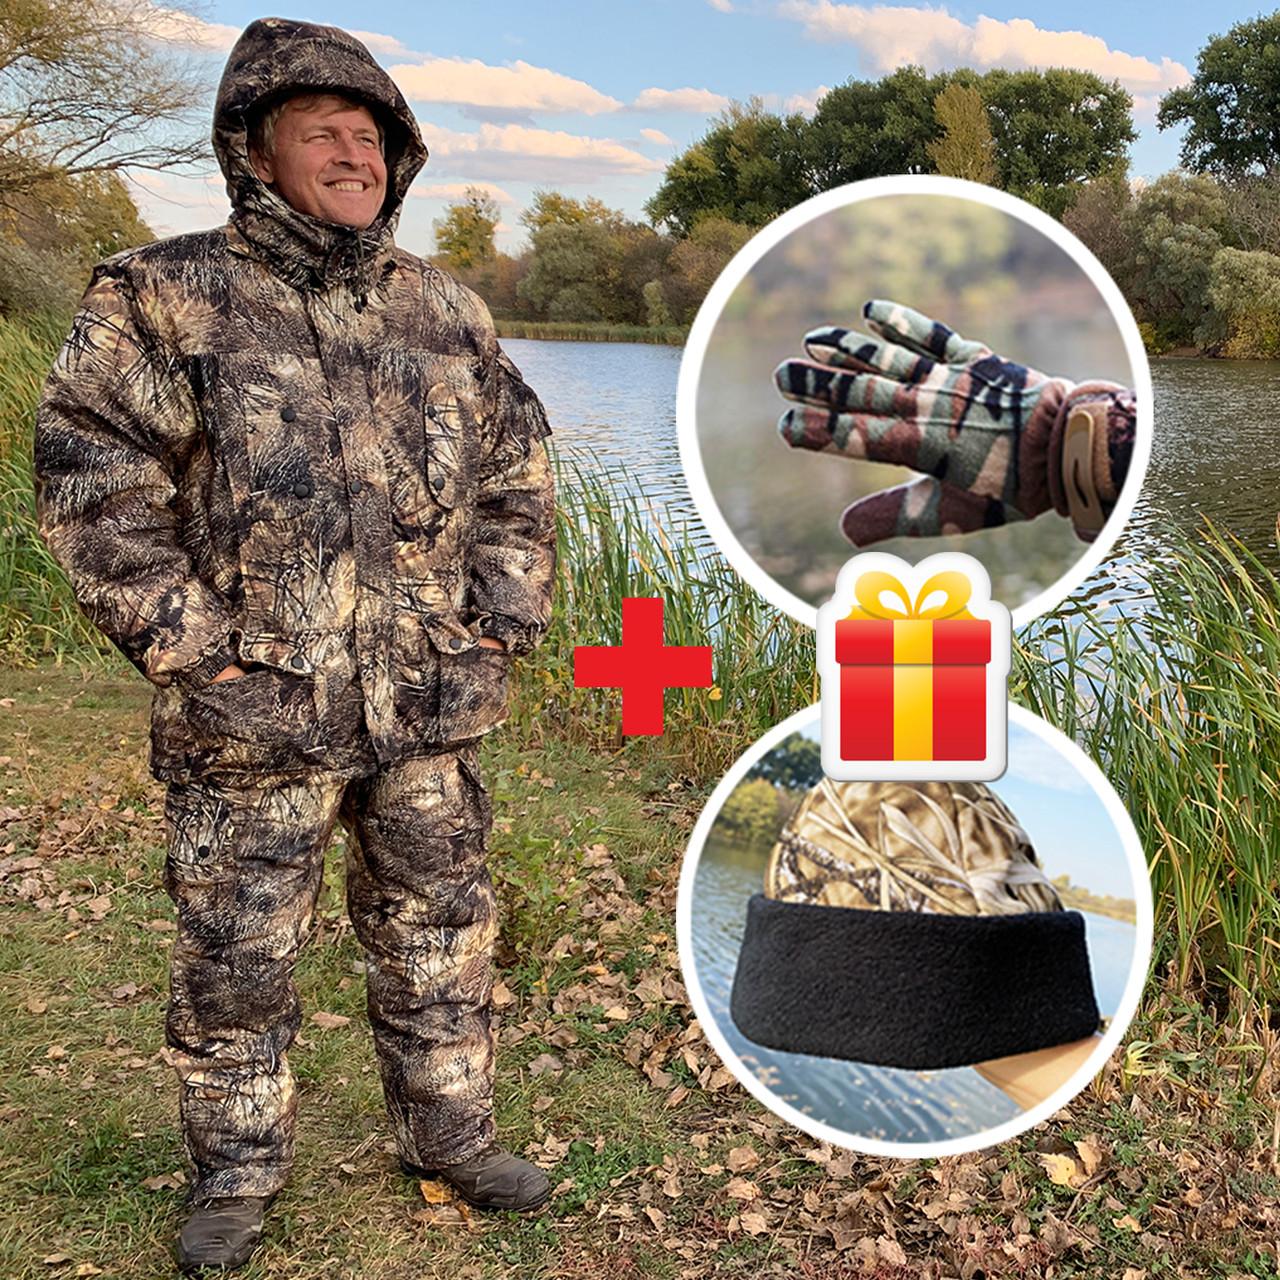 """Зимний костюм до -40° """"Mavens Зубр"""" Хищник, для рыбалки, охоты, работы в холоде, размер 56-58 (031-0028)"""